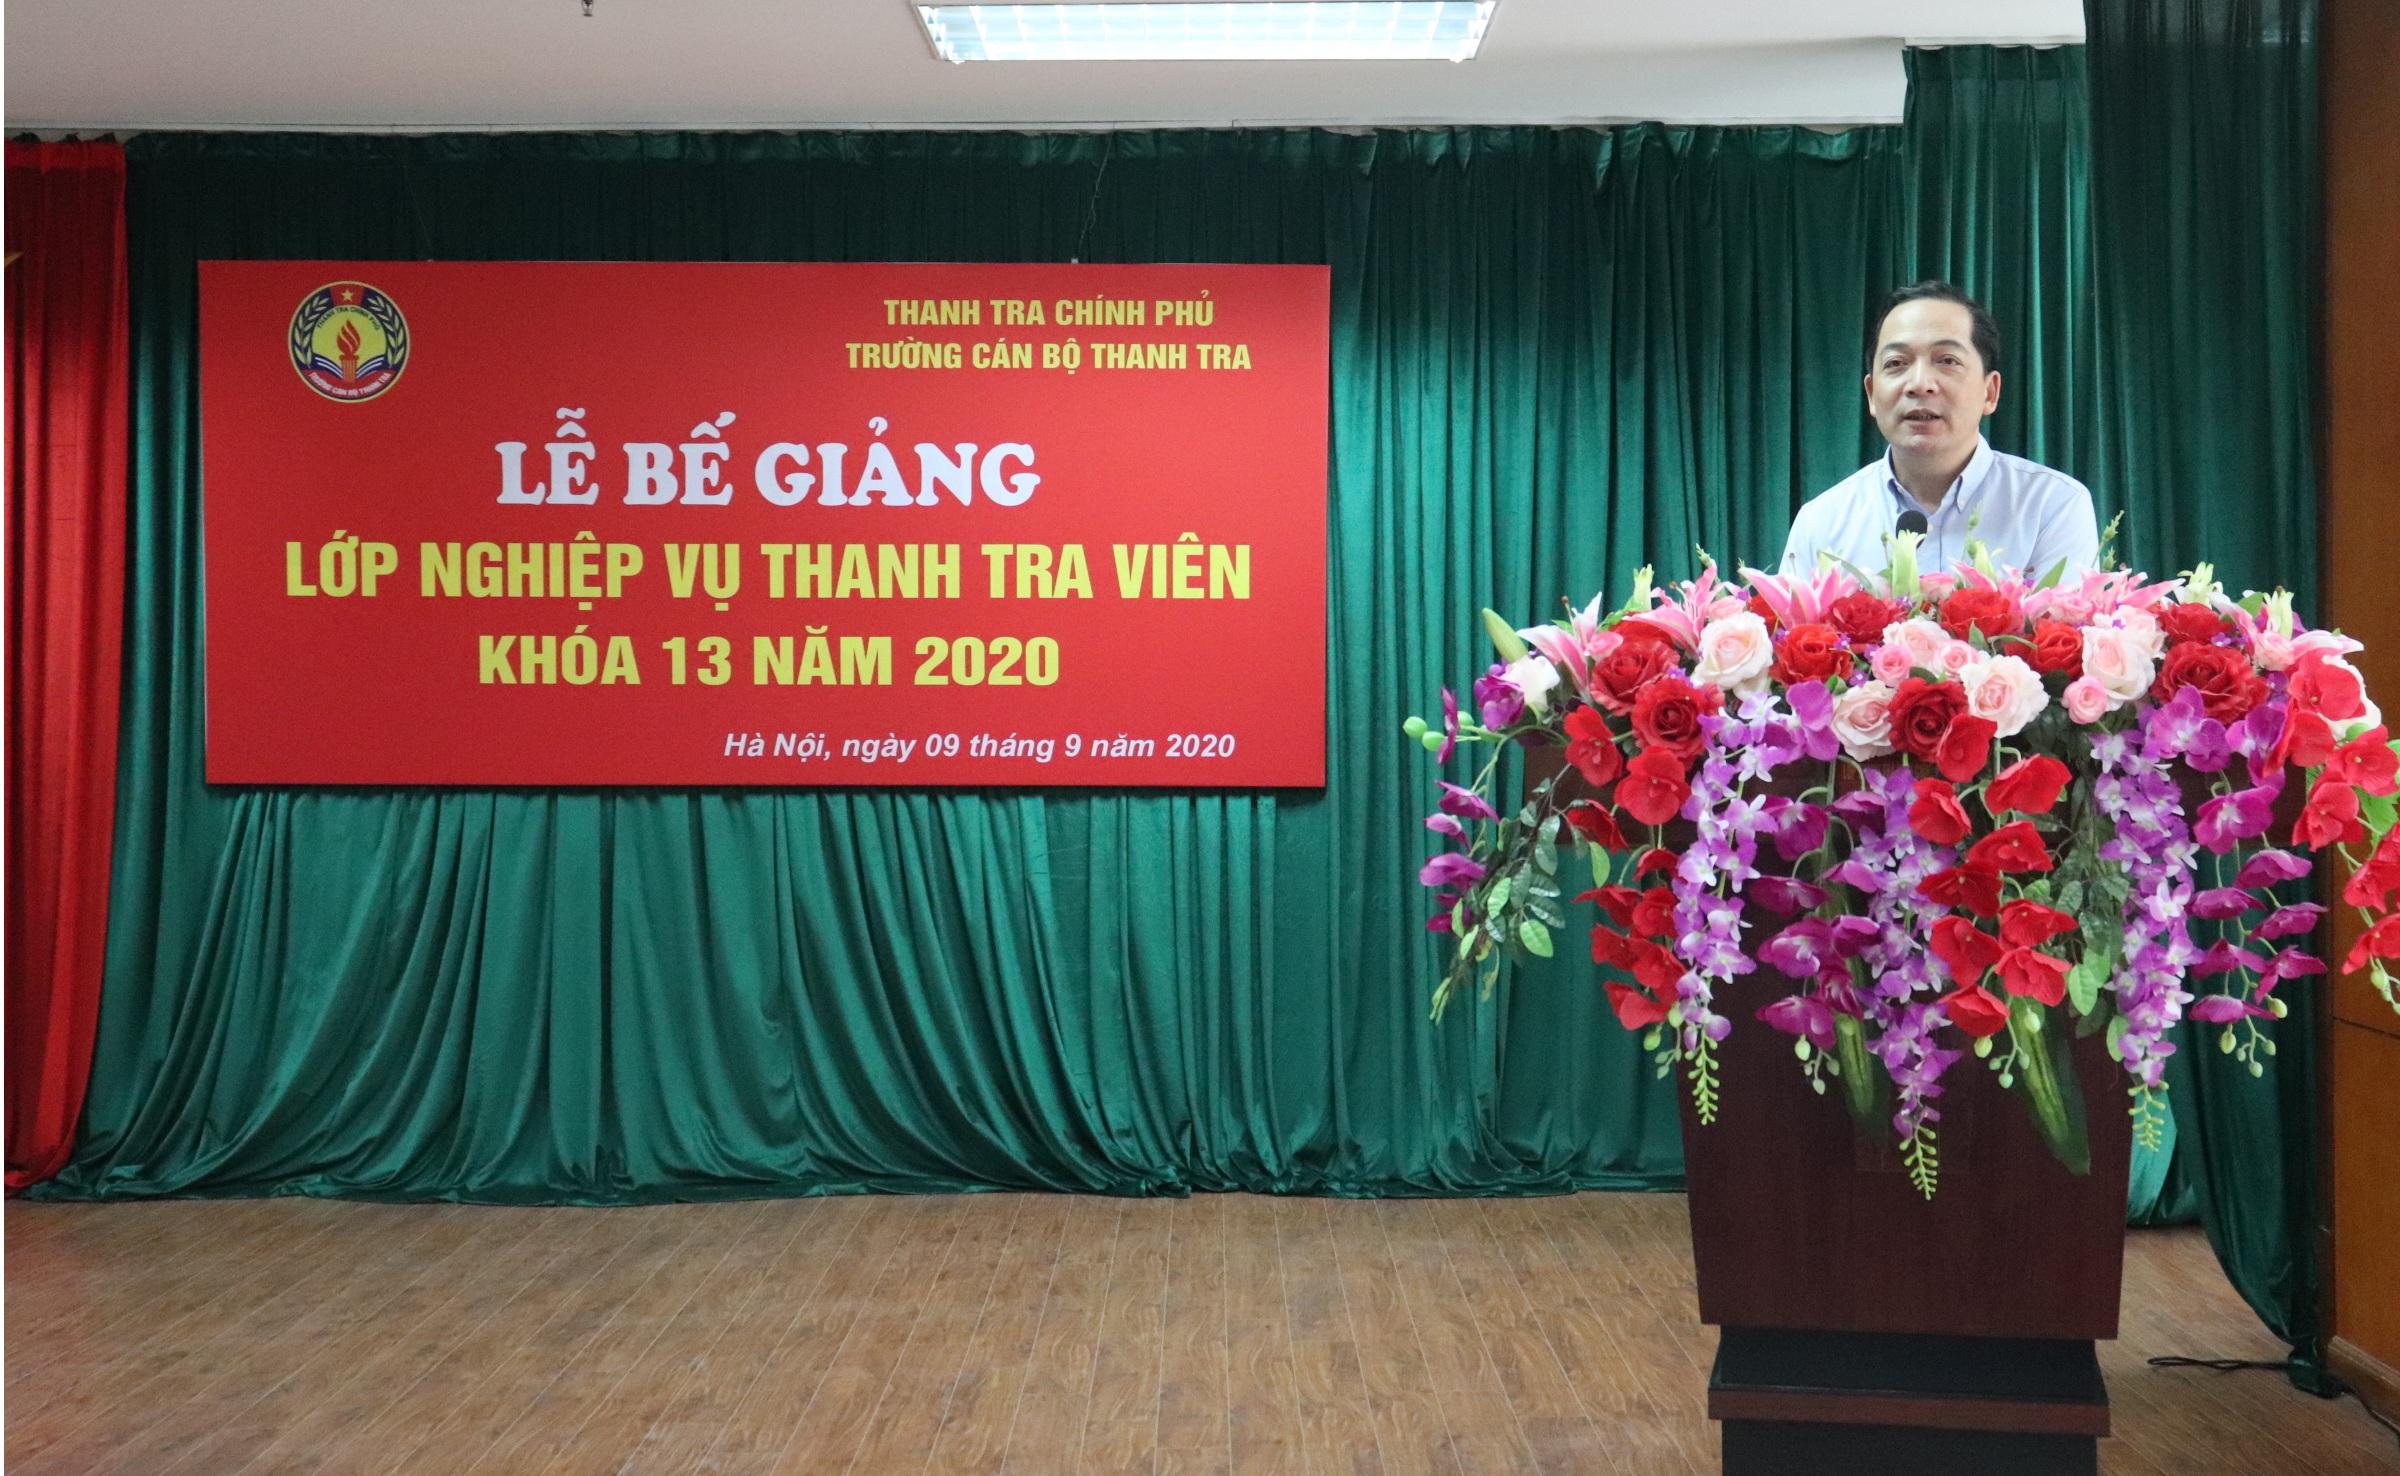 TS Nguyễn Huy Hoàng PHT trg CBTT phát biểu bế giảng khóa học